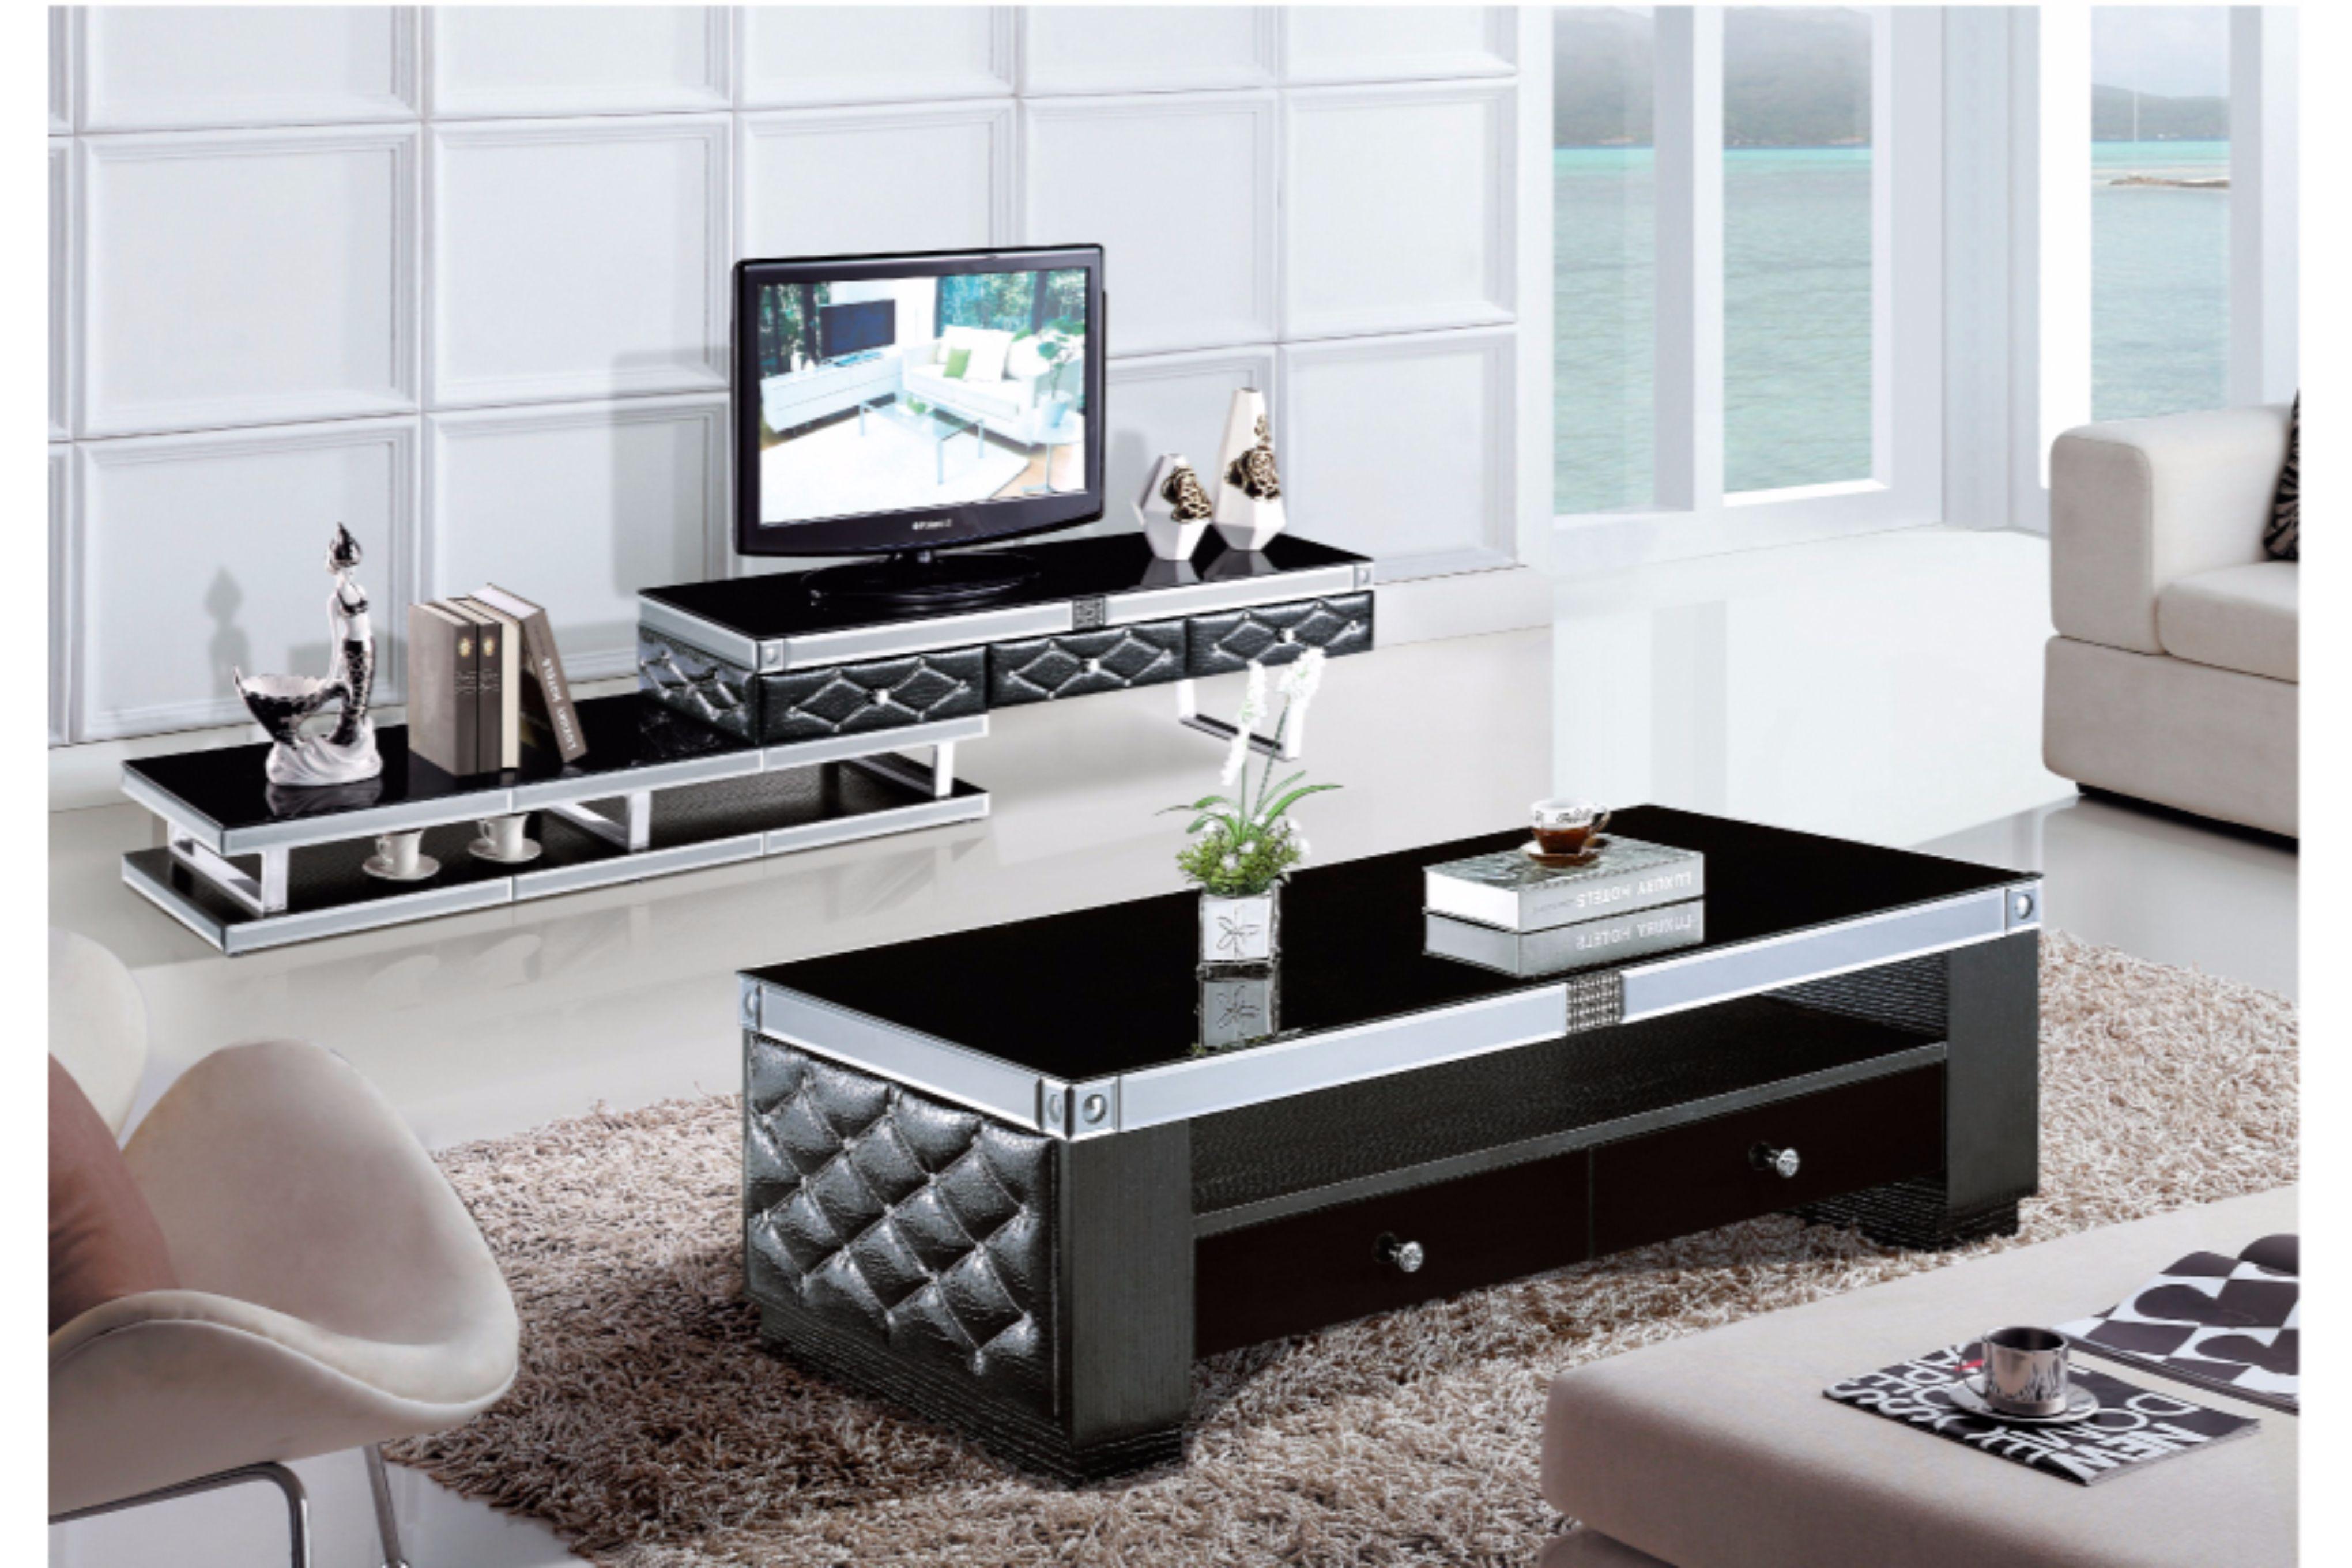 #556D76 Mest effektive Gör Din Egen Tv Bänk: Vasco Tyg Mediapaket Se Möbler. Gør Det Selv Tv Møbel 6255 408027206255